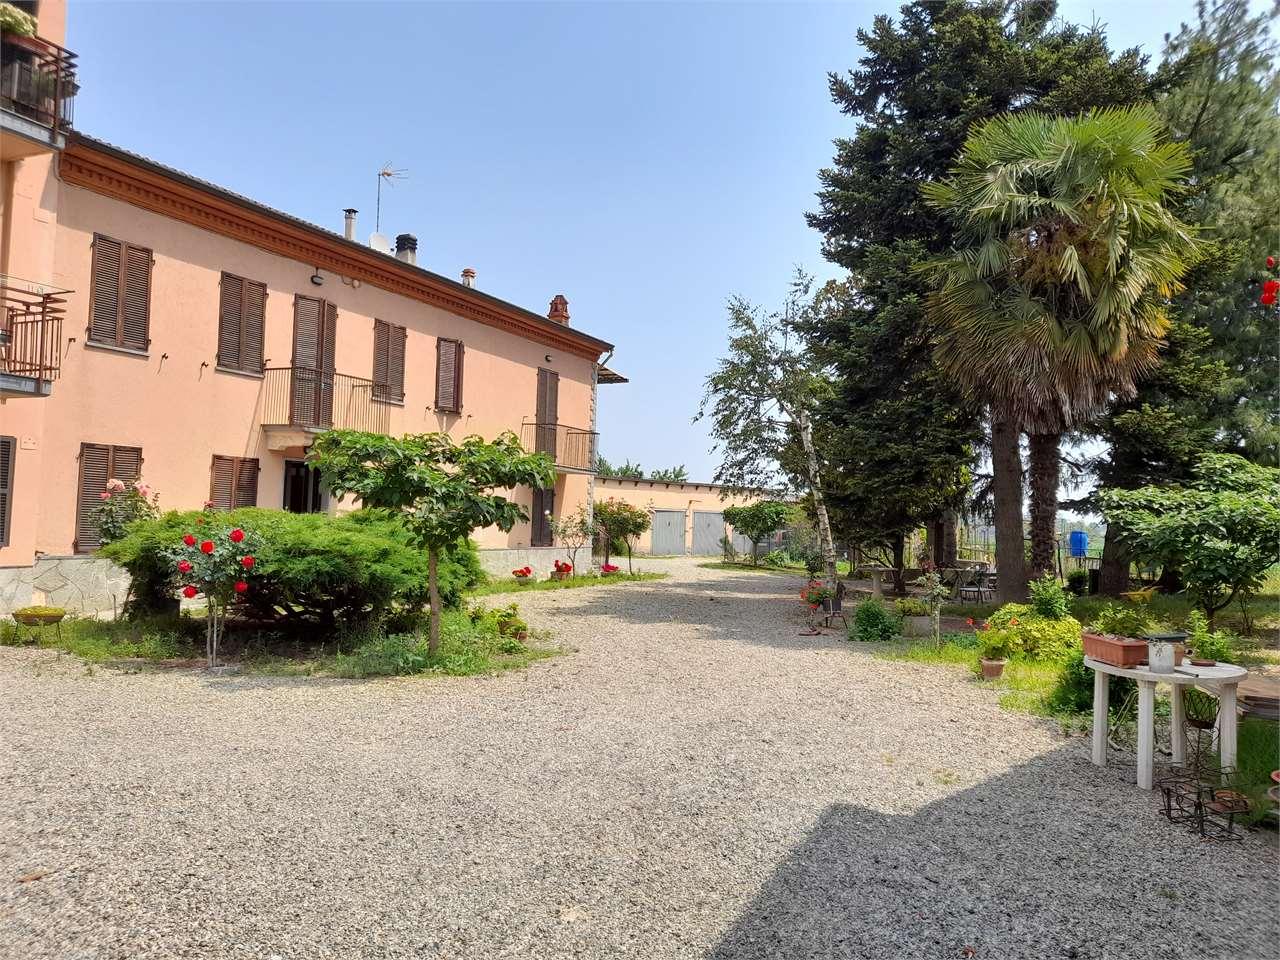 Appartamento in affitto a Alessandria, 3 locali, zona Località: San Michele, prezzo € 430 | PortaleAgenzieImmobiliari.it